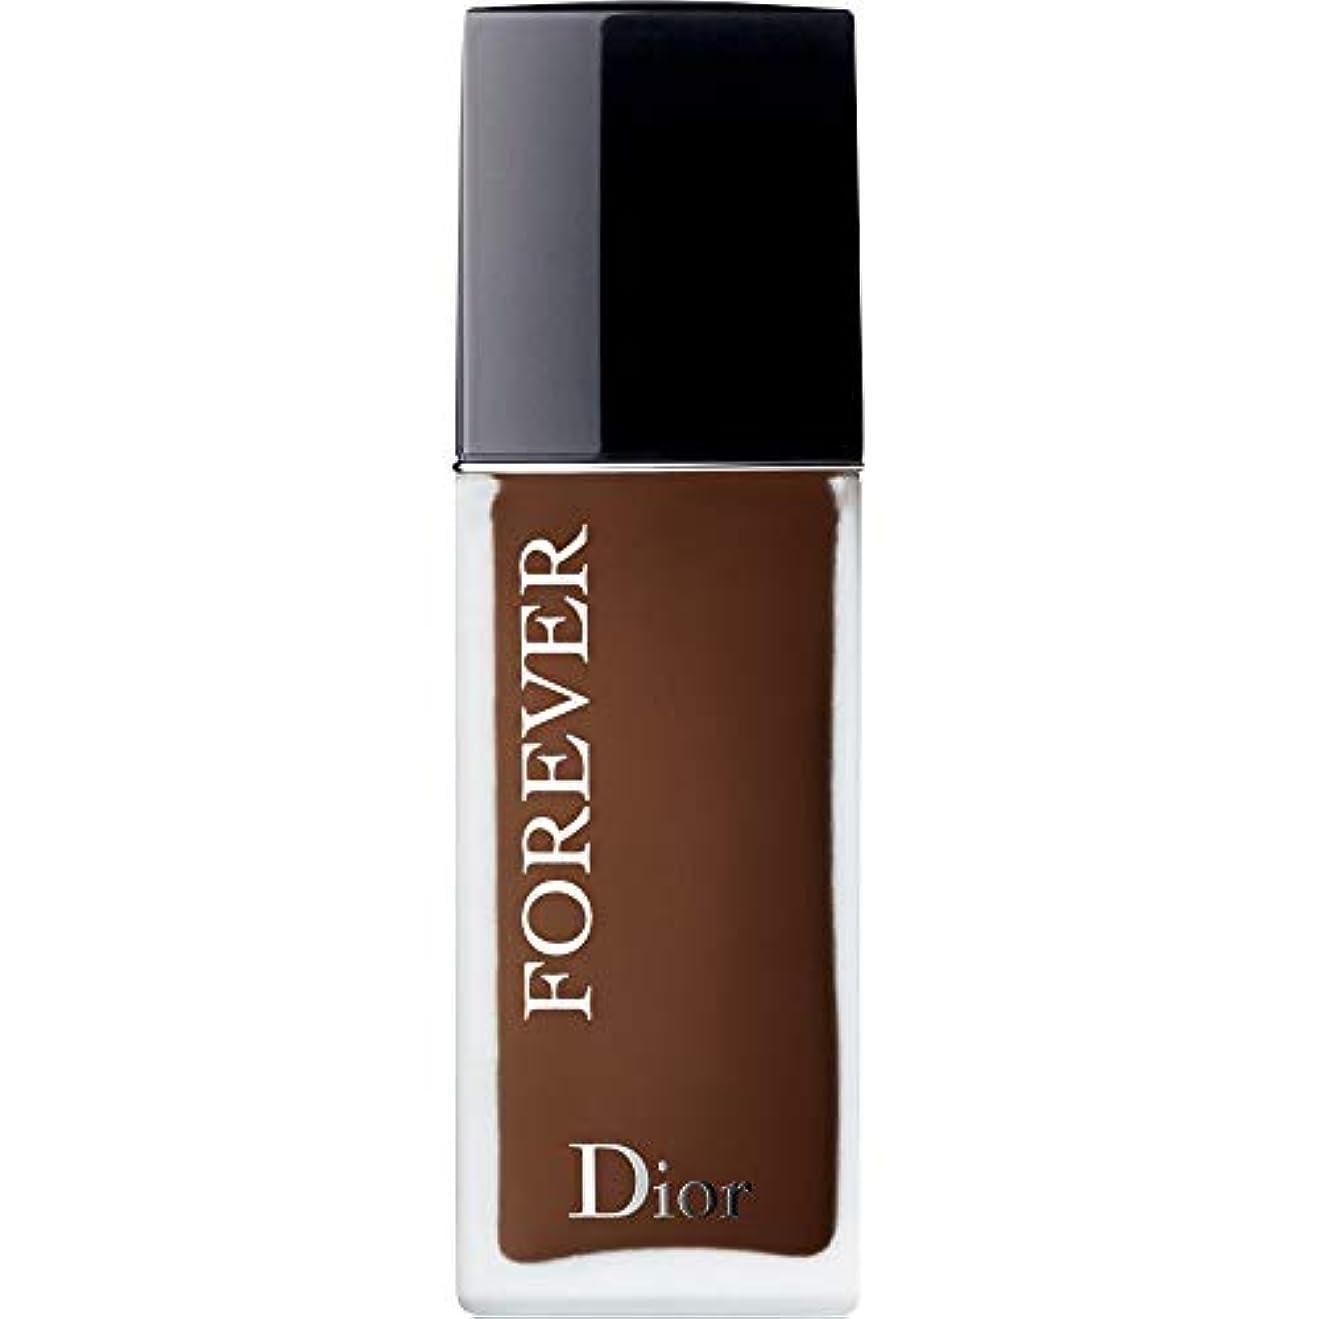 侵略天使英語の授業があります[Dior ] ディオール永遠皮膚思いやりの基盤Spf35 30ミリリットルの9N - ニュートラル(つや消し) - DIOR Forever Skin-Caring Foundation SPF35 30ml 9N -...